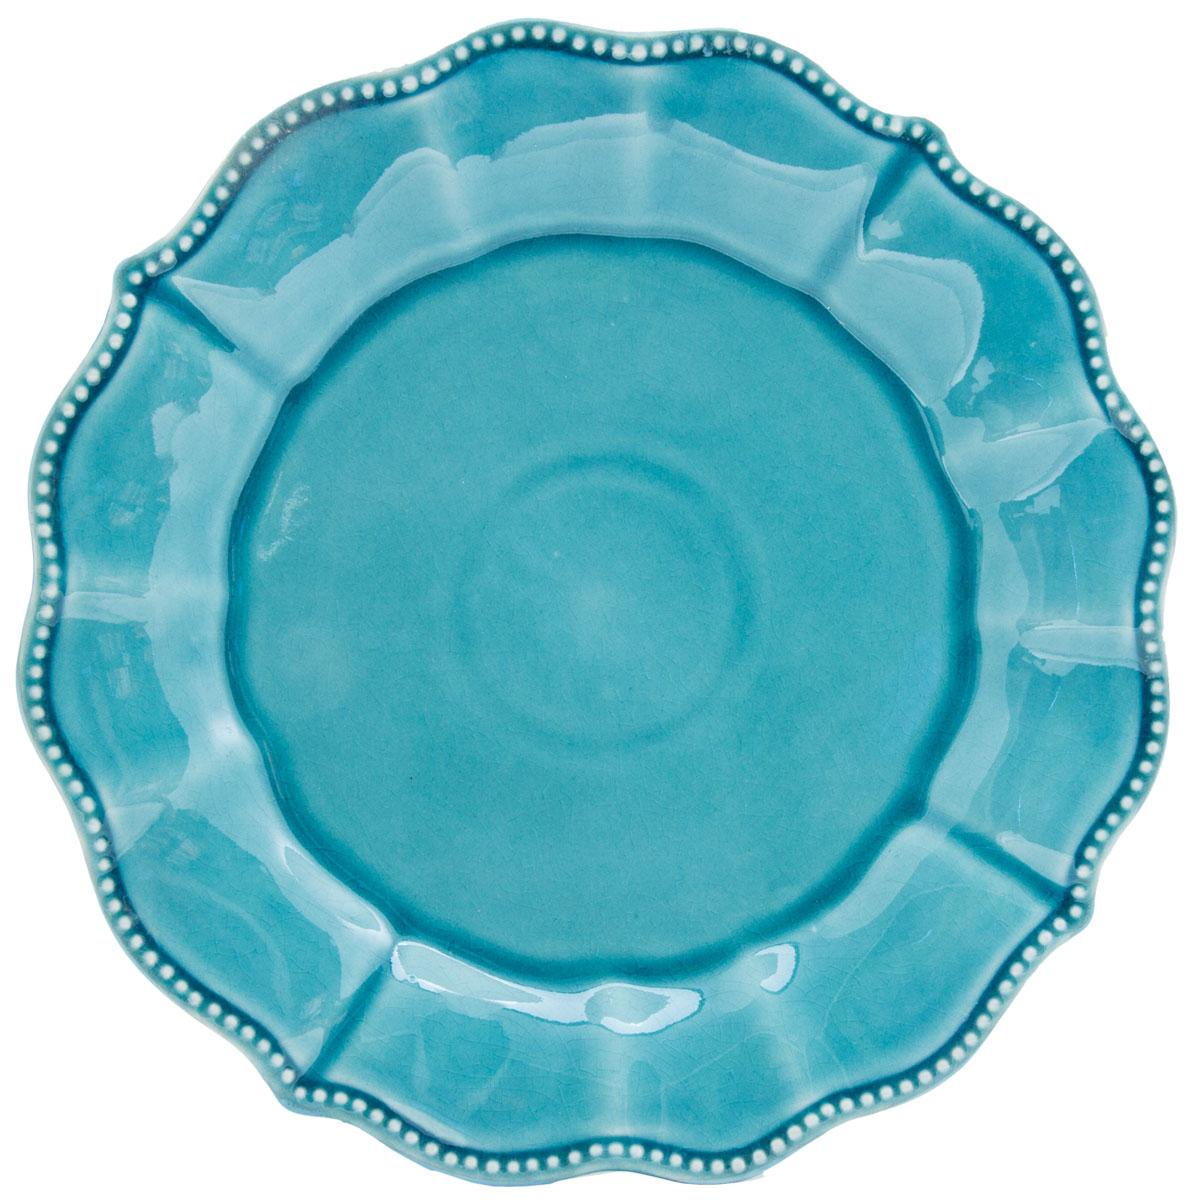 Тарелка обеденная GiftnHome Голубая жемчужина, цвет: голубой перламутр, диаметр 27 смPL-27 BlueТрадиционная европейская посуда, в стиле Кантри, из Португалии. Серия изготовлена из твердой и каменной керамики, обладающей особыми свойствами прочности по сравнению с более пористыми аналогами (фаянс, доломит). Кроме того, данный вид керамики относится к экологичным материалам и отмечался международной ассоциацией качества на протяжении нескольких десятков лет. Данная серия керамики, имеет специальную обработку - браширование, /brushing/ в стиле АНТИК на поверхности эмали, что повышает ее привлекательность и ценность среди посудных аналогов. особенно - для потребителей, разбирающихся в культуре современных трендов и стилей. Товар такого типа переходит в разряд винтажной посуды, что всегда ценится больше в денежном выражении. Она относит нас к временам прабабушек, в старую деревенскую таверну или деревенский домик южной Европы, несет в дом тепло и уют, ощущение добротности и качества, национальных традиций старой Европы, проверенных несколькими поколениями на протяжении многих десятков лет.